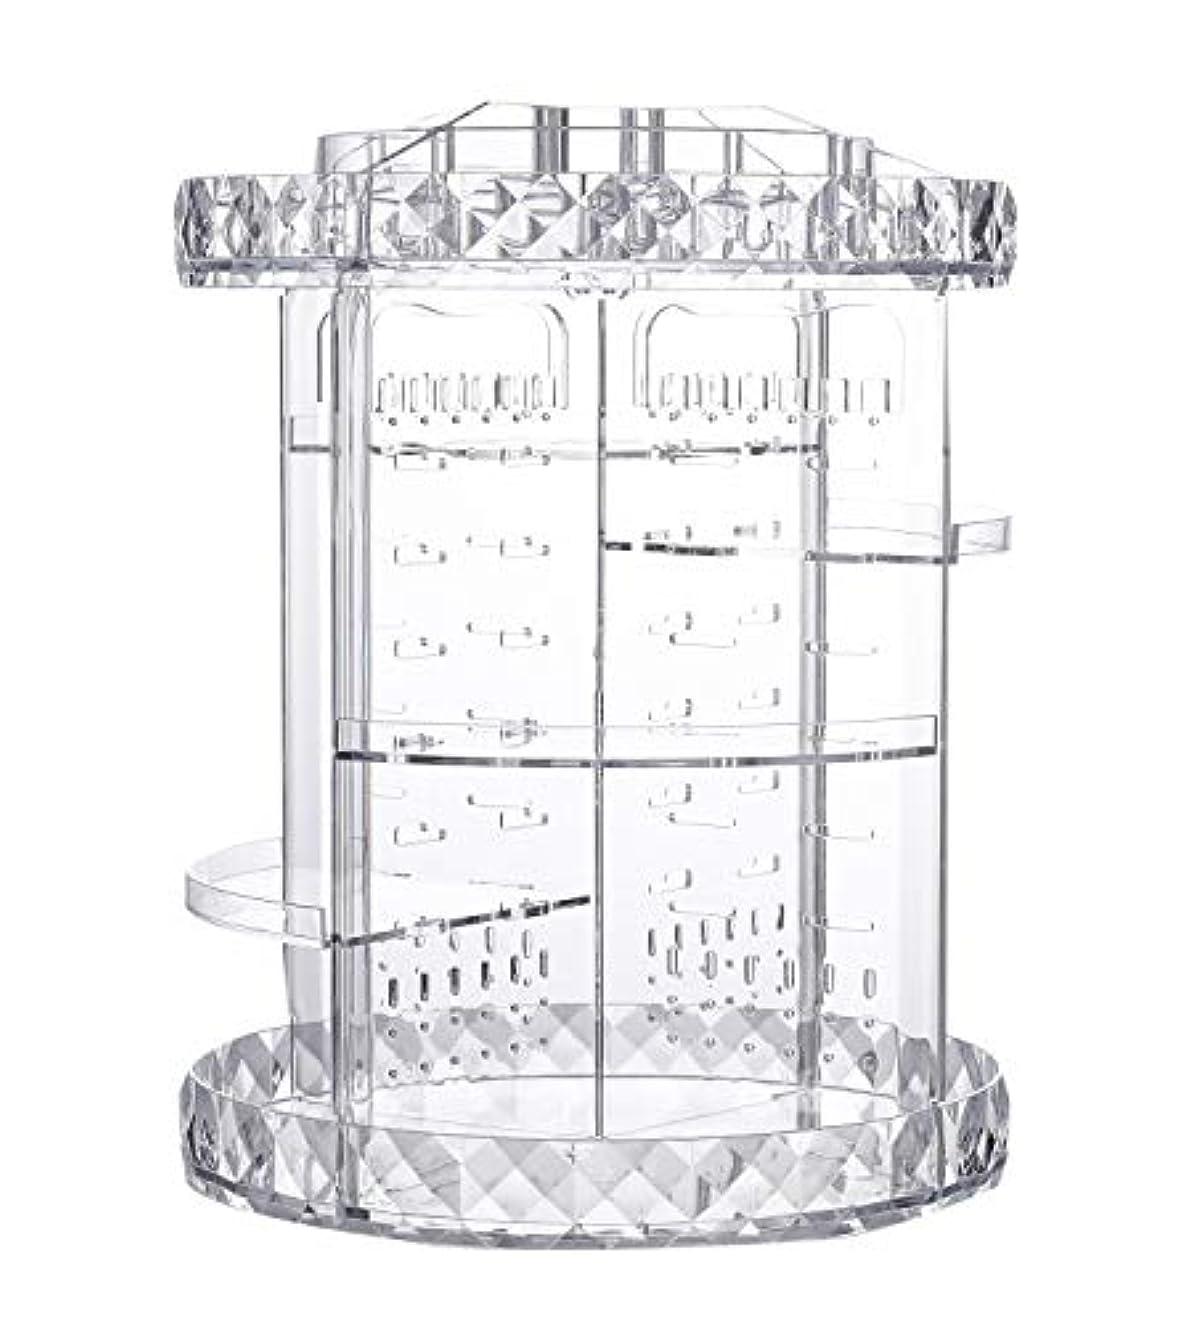 抽出コーヒードメイン化粧品収納ボックス ネックレス収納 アクセサリー収納 回転式360度 透明 メイクボックス 組み立て 調整可能